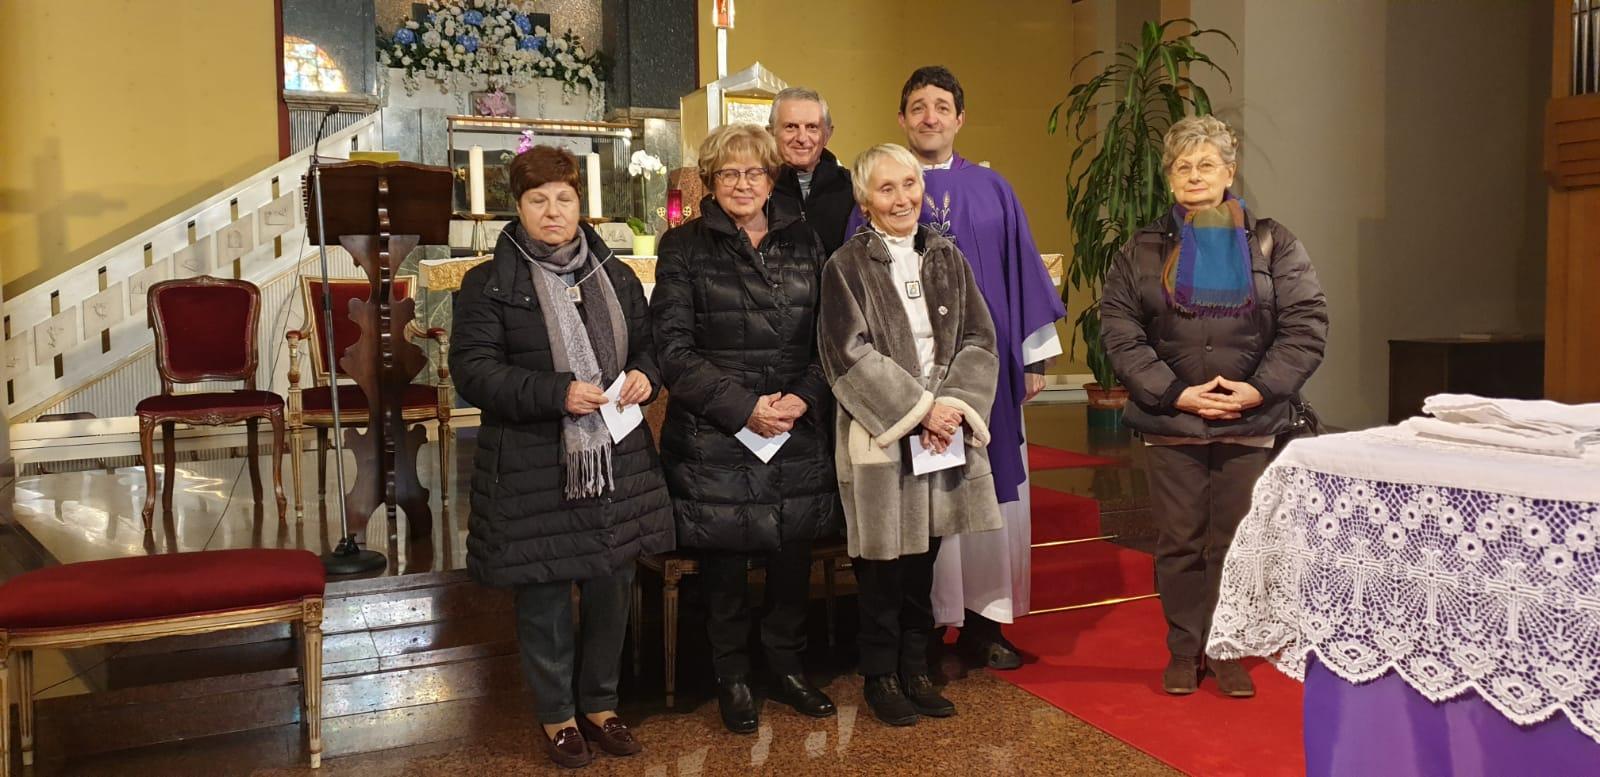 Persone sull'altare della chiesa